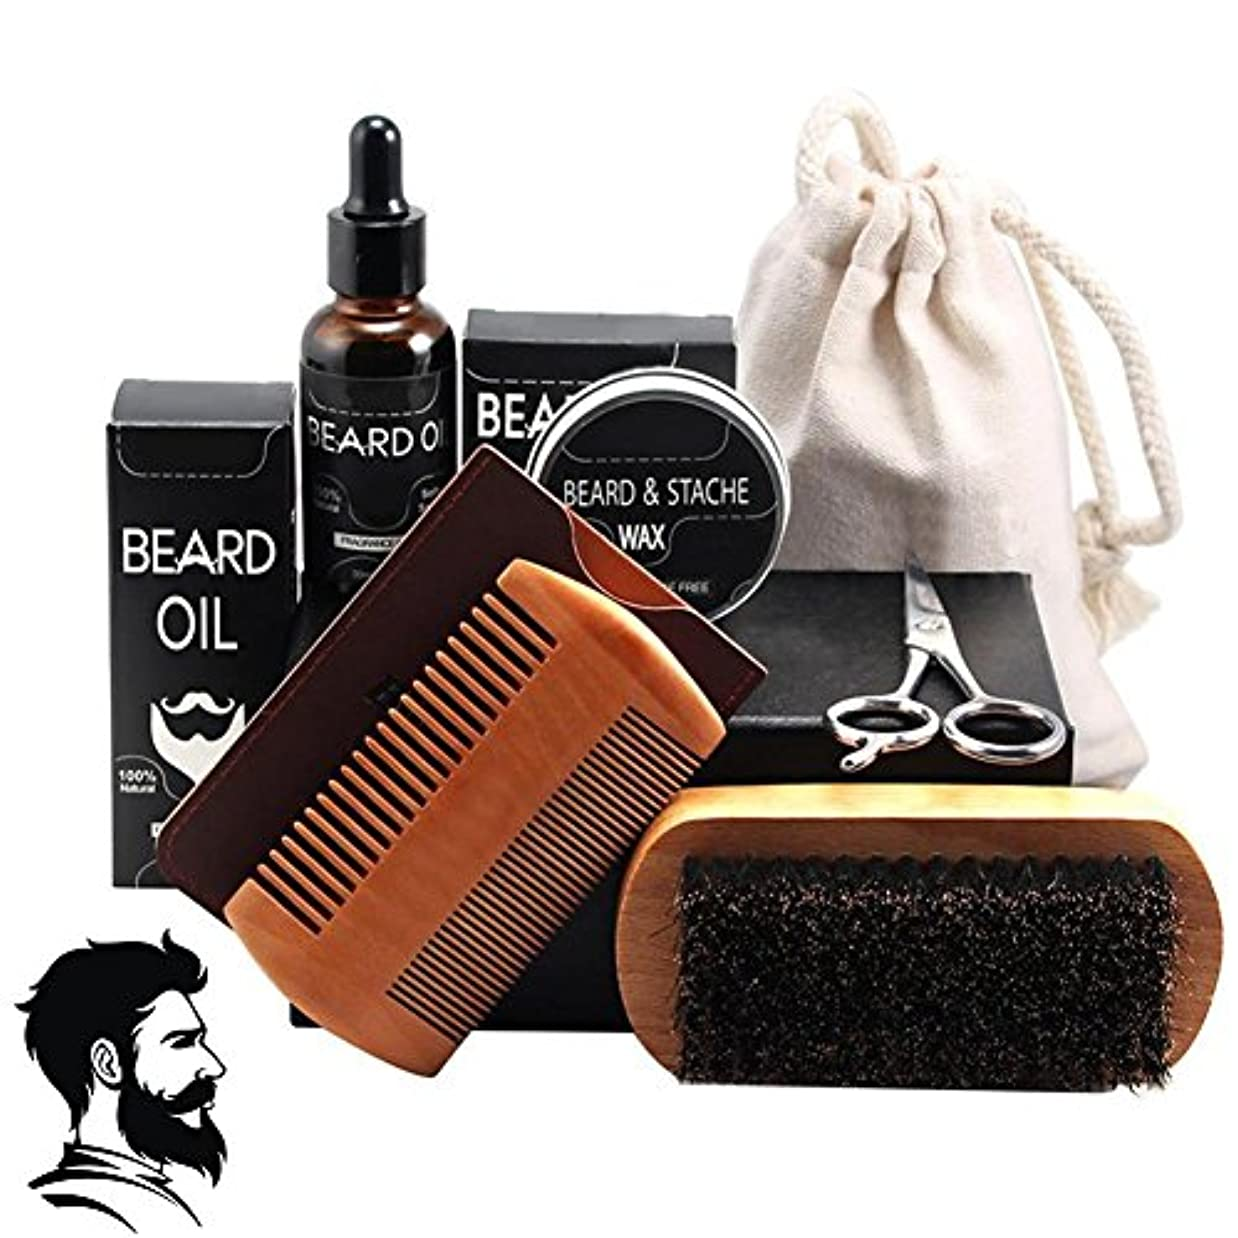 コンプリートリスキーなロッカーあごひげ油、男性の口ひげフルセットヘアケアツール(ひげワックスくし付き)(7PCSのパック)用シェービングブラシプロフェッショナルフェイシャルトリミングハサミ